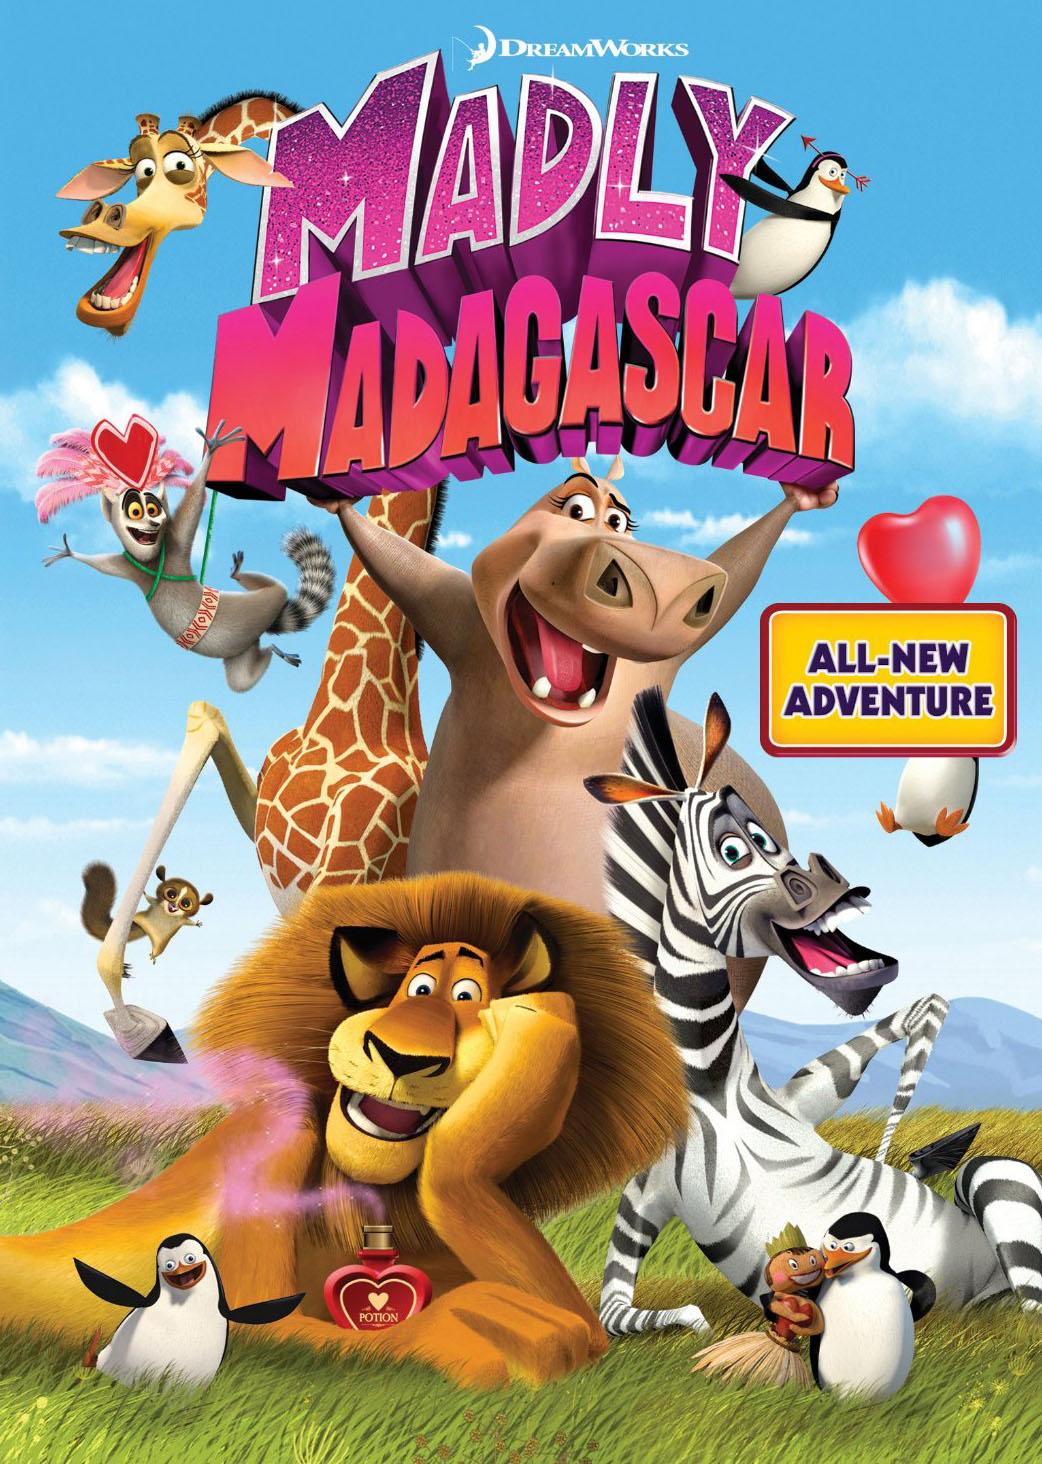 دانلود کارتون های کمدی دانلود انیمیشن Madly Madagascar 2013